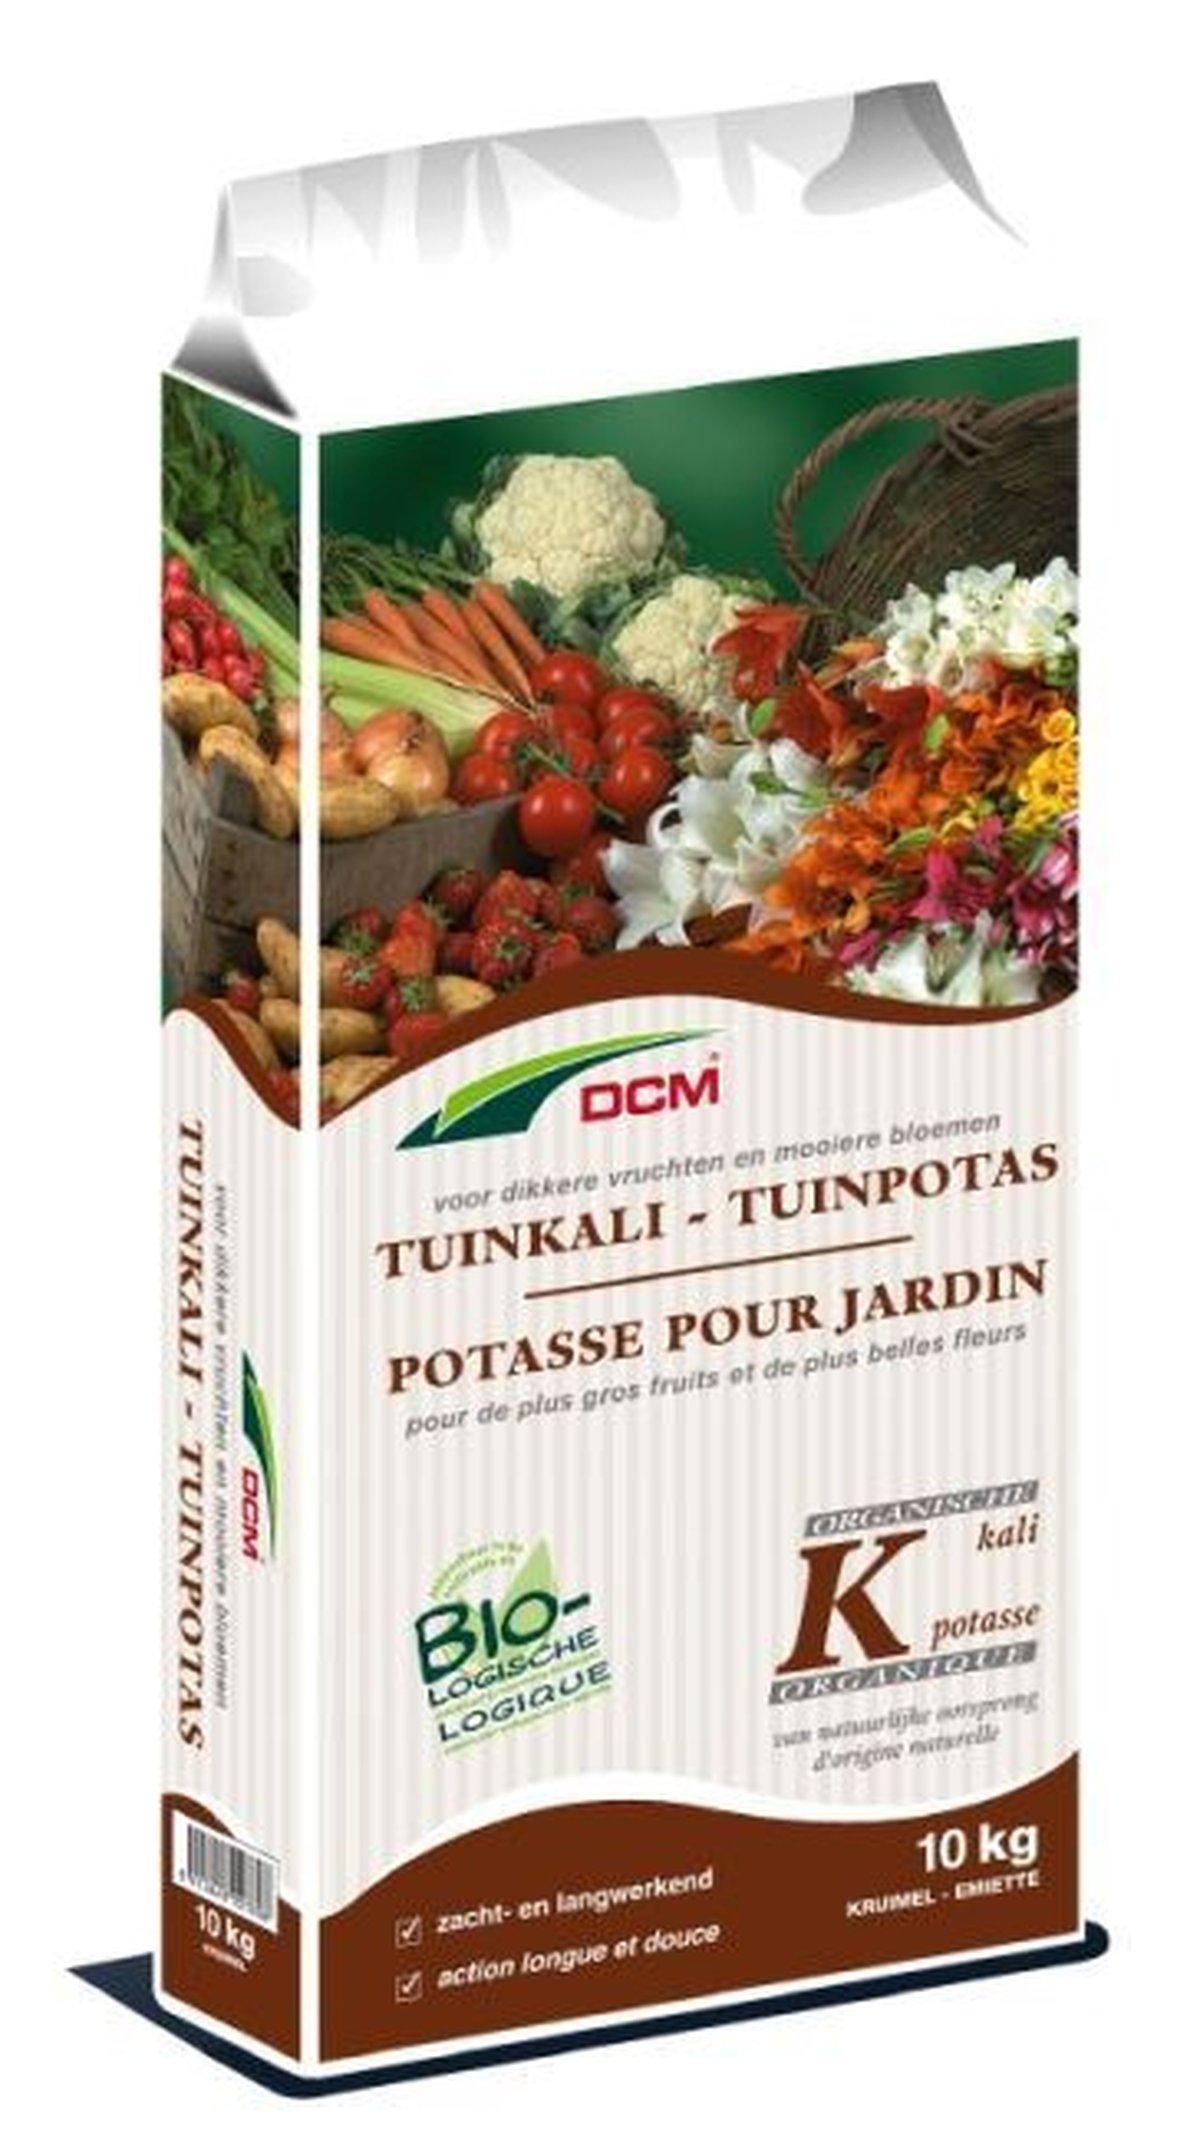 Potasse Pour Jardin Dcm 10 Kg - Bio pour La Potasse Au Jardin